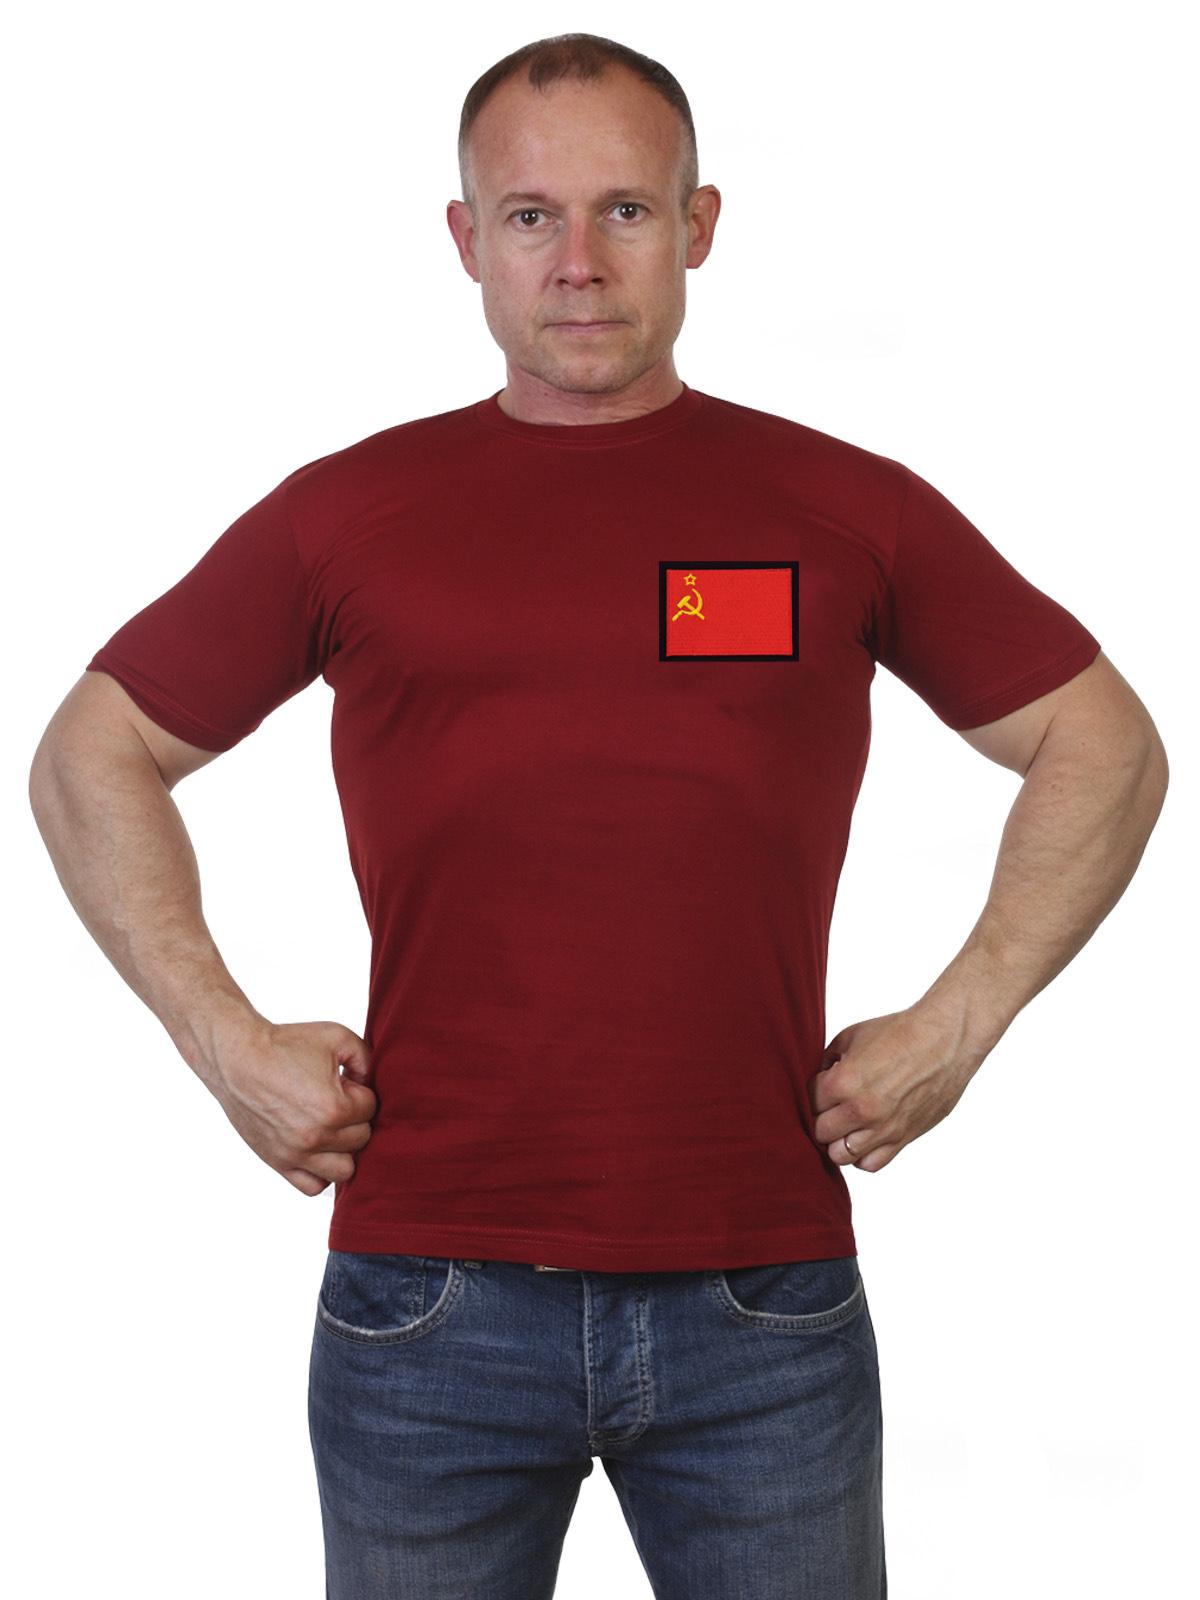 Купить футболку СССР с доставкой